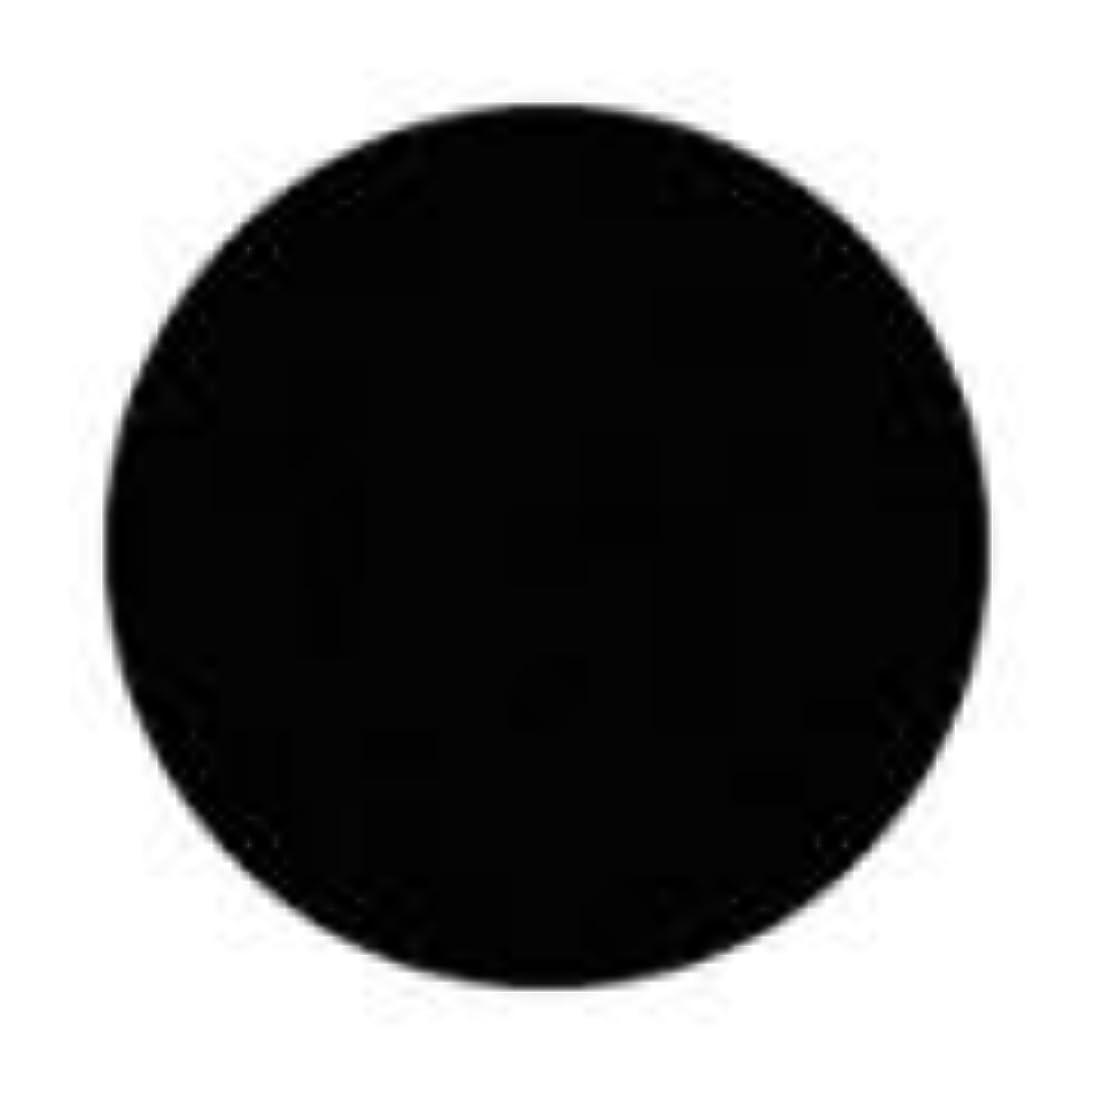 逮捕リングレット写真を撮るJessica ジェレレーション カラー 15ml  712 サンセットブルーバード